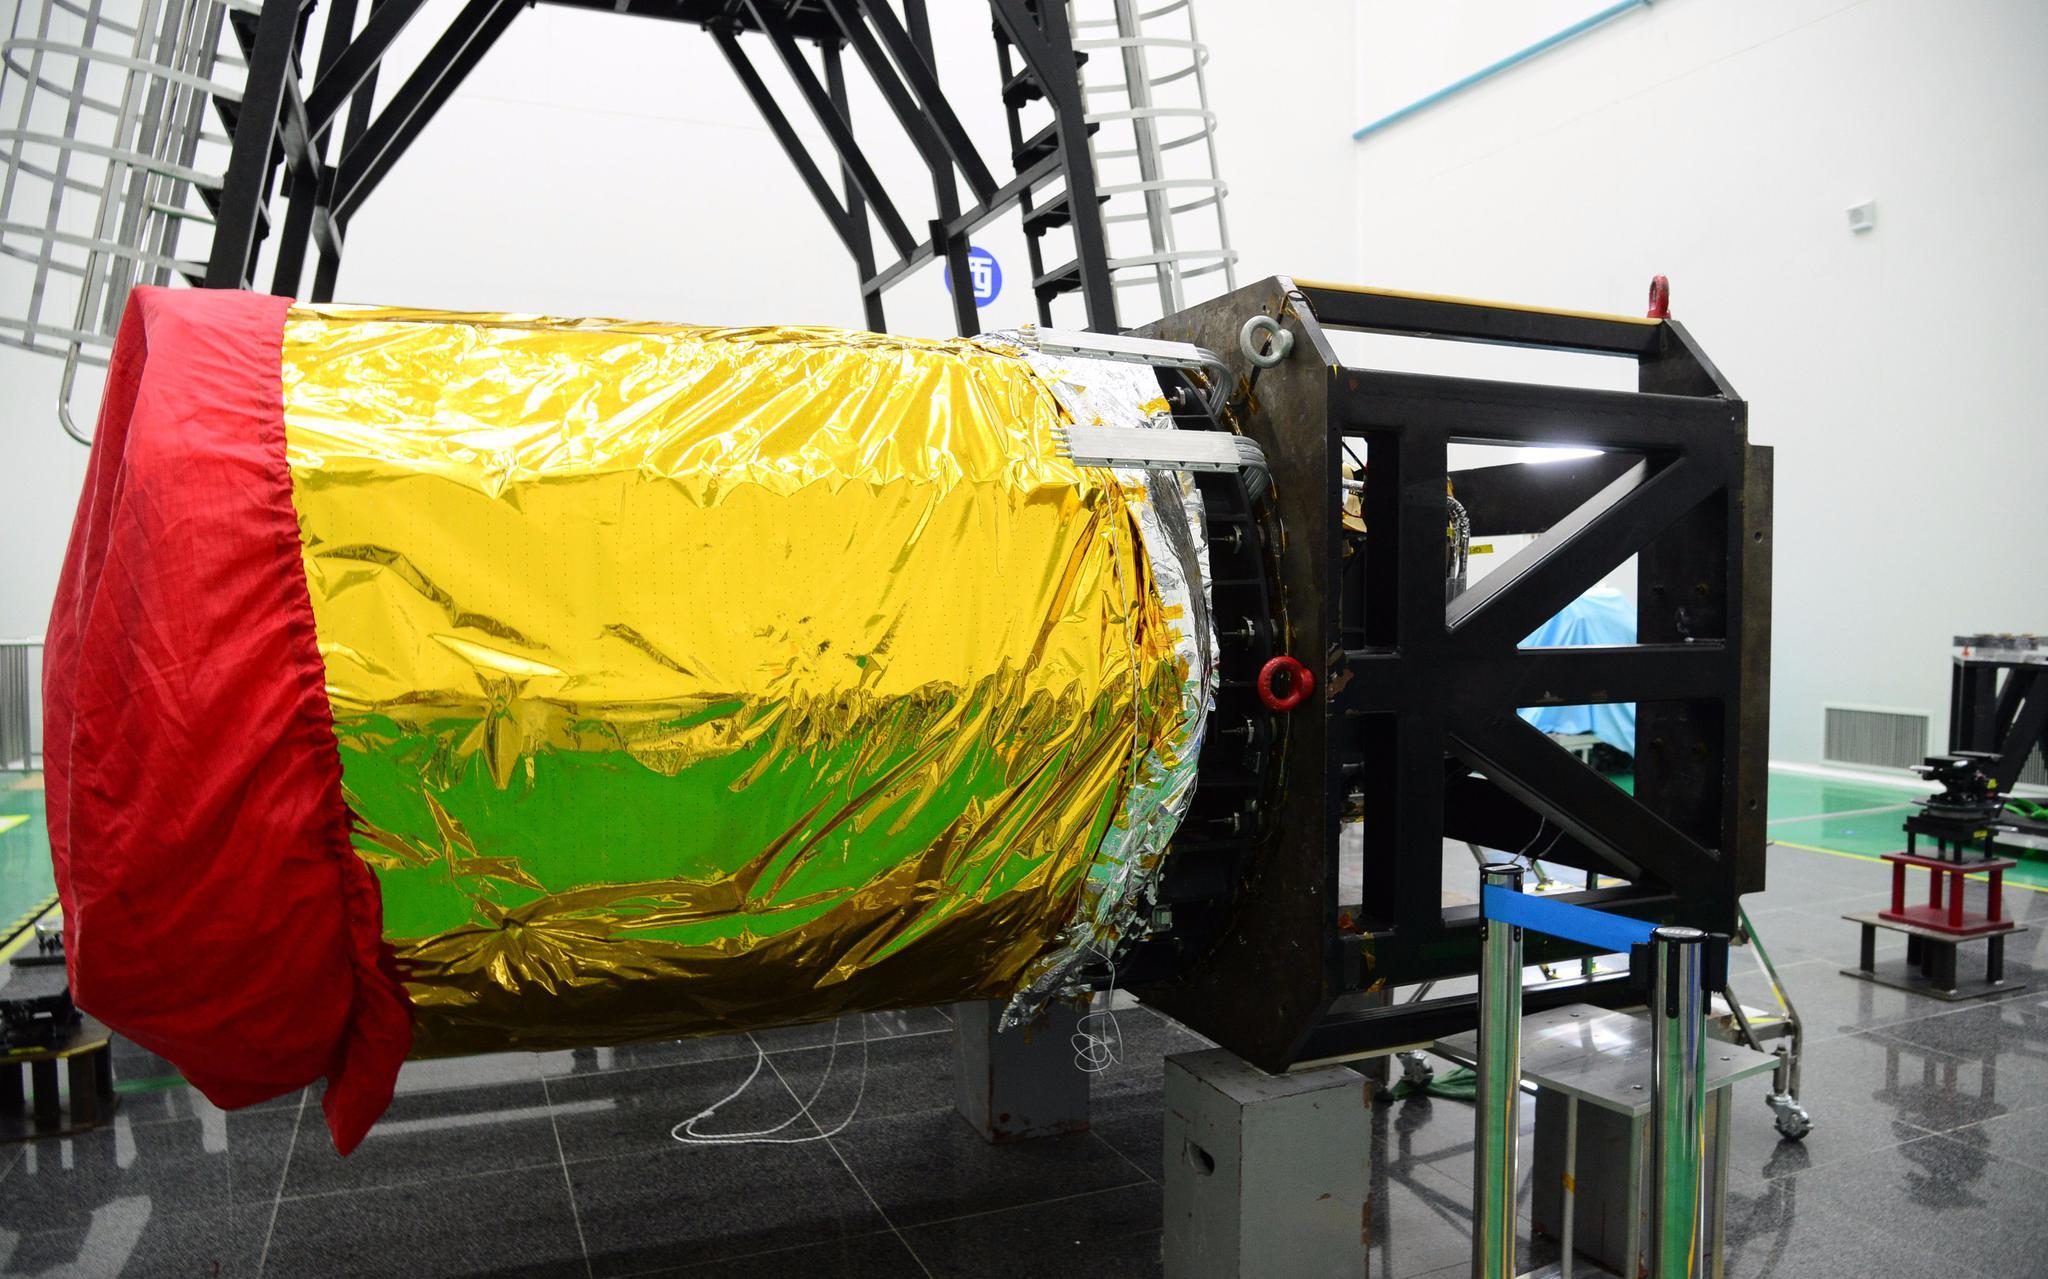 高分多模卫星上搭载的大口径、长焦距高辨别率相机。图/航天科技团体五院